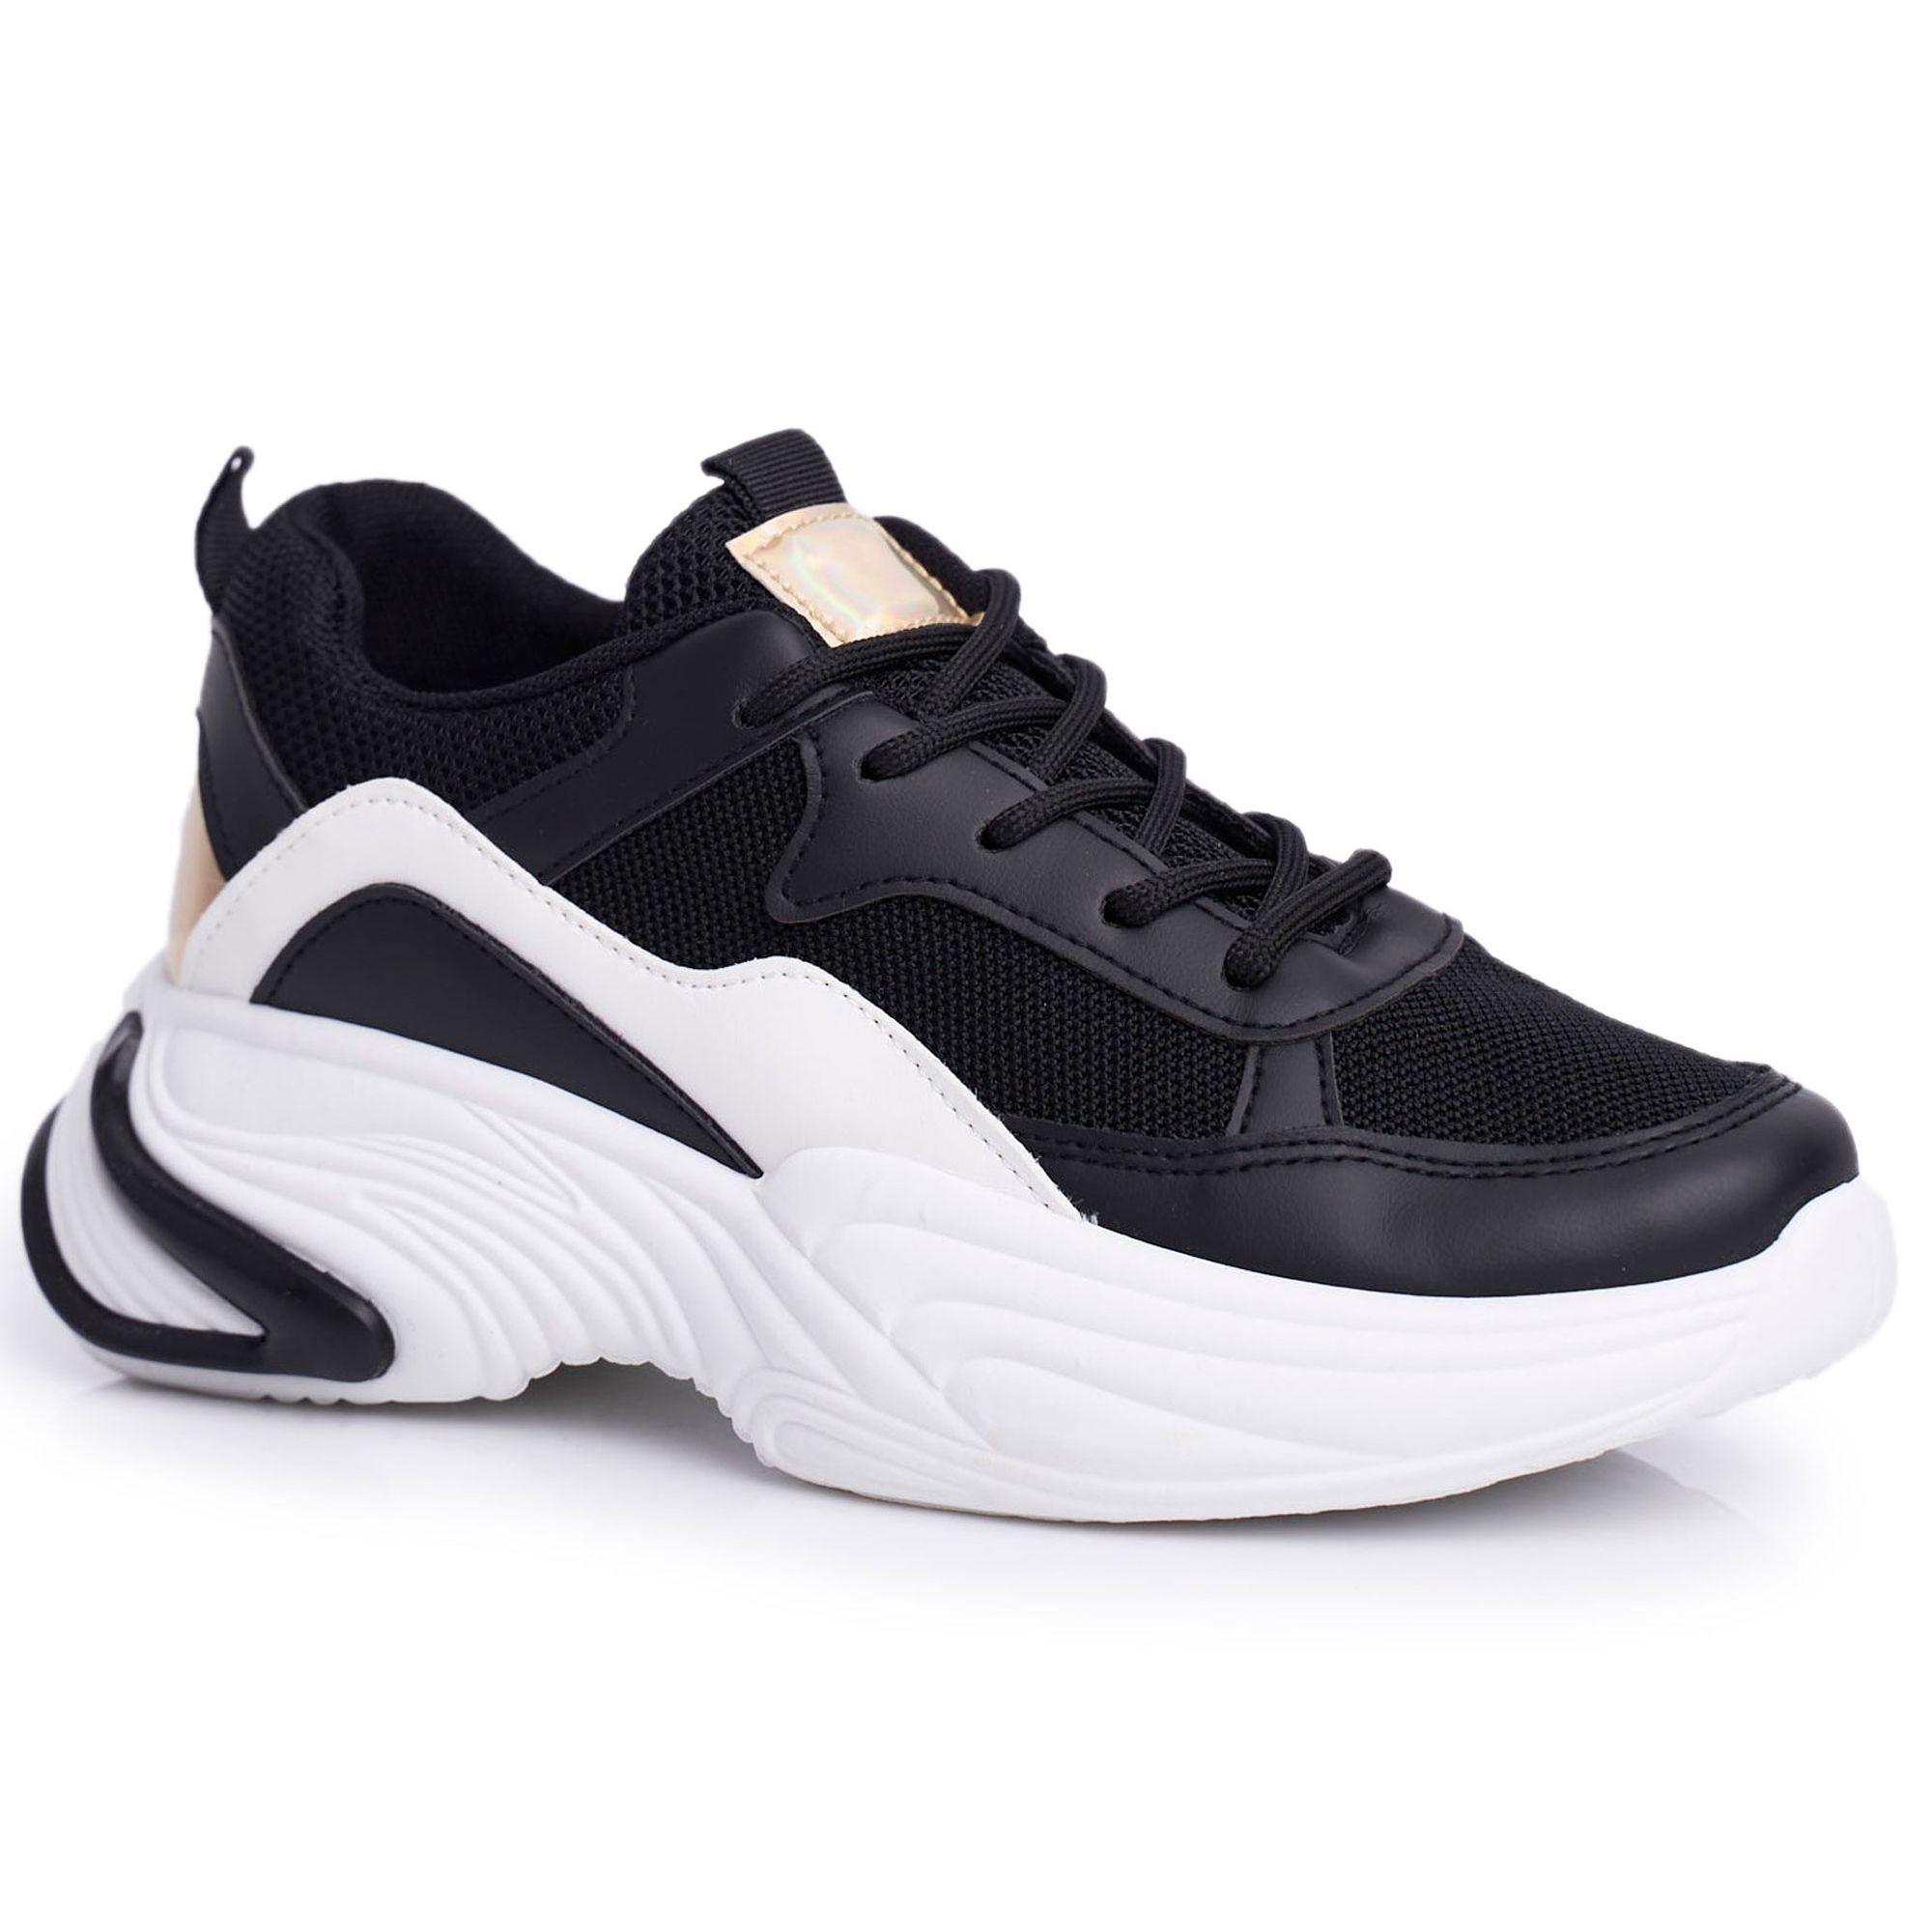 Sea Sportowe Damskie Buty Kolorowe Czarne Pinner Biale Wielokolorowe Air Max Sneakers Nike Air Max Sneakers Nike